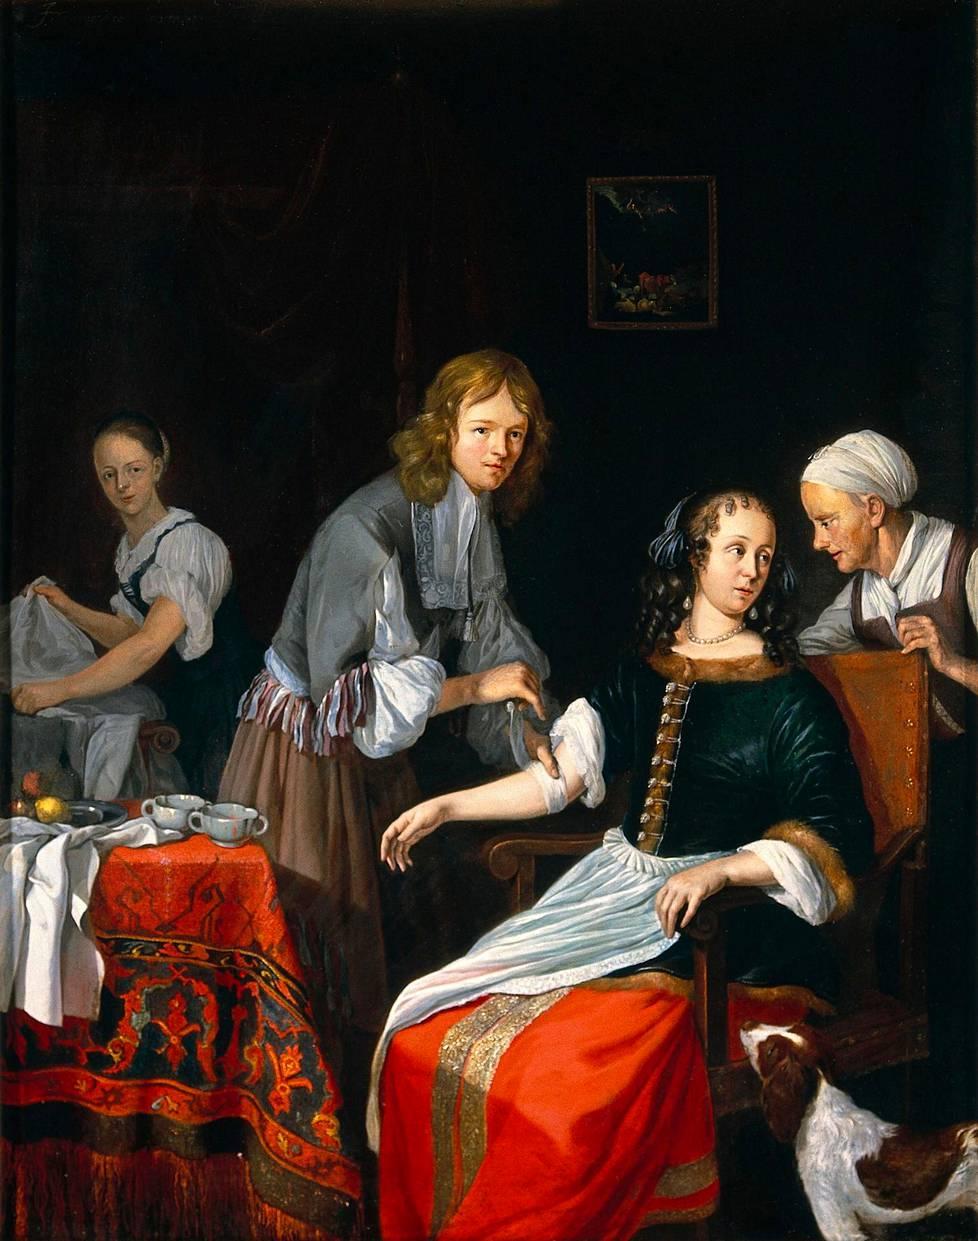 Lääkäri sitoo naisen käsivarren suoneniskennän jälkeen. Jacob Toorenvlietin maalaus on vuodelta 1666.